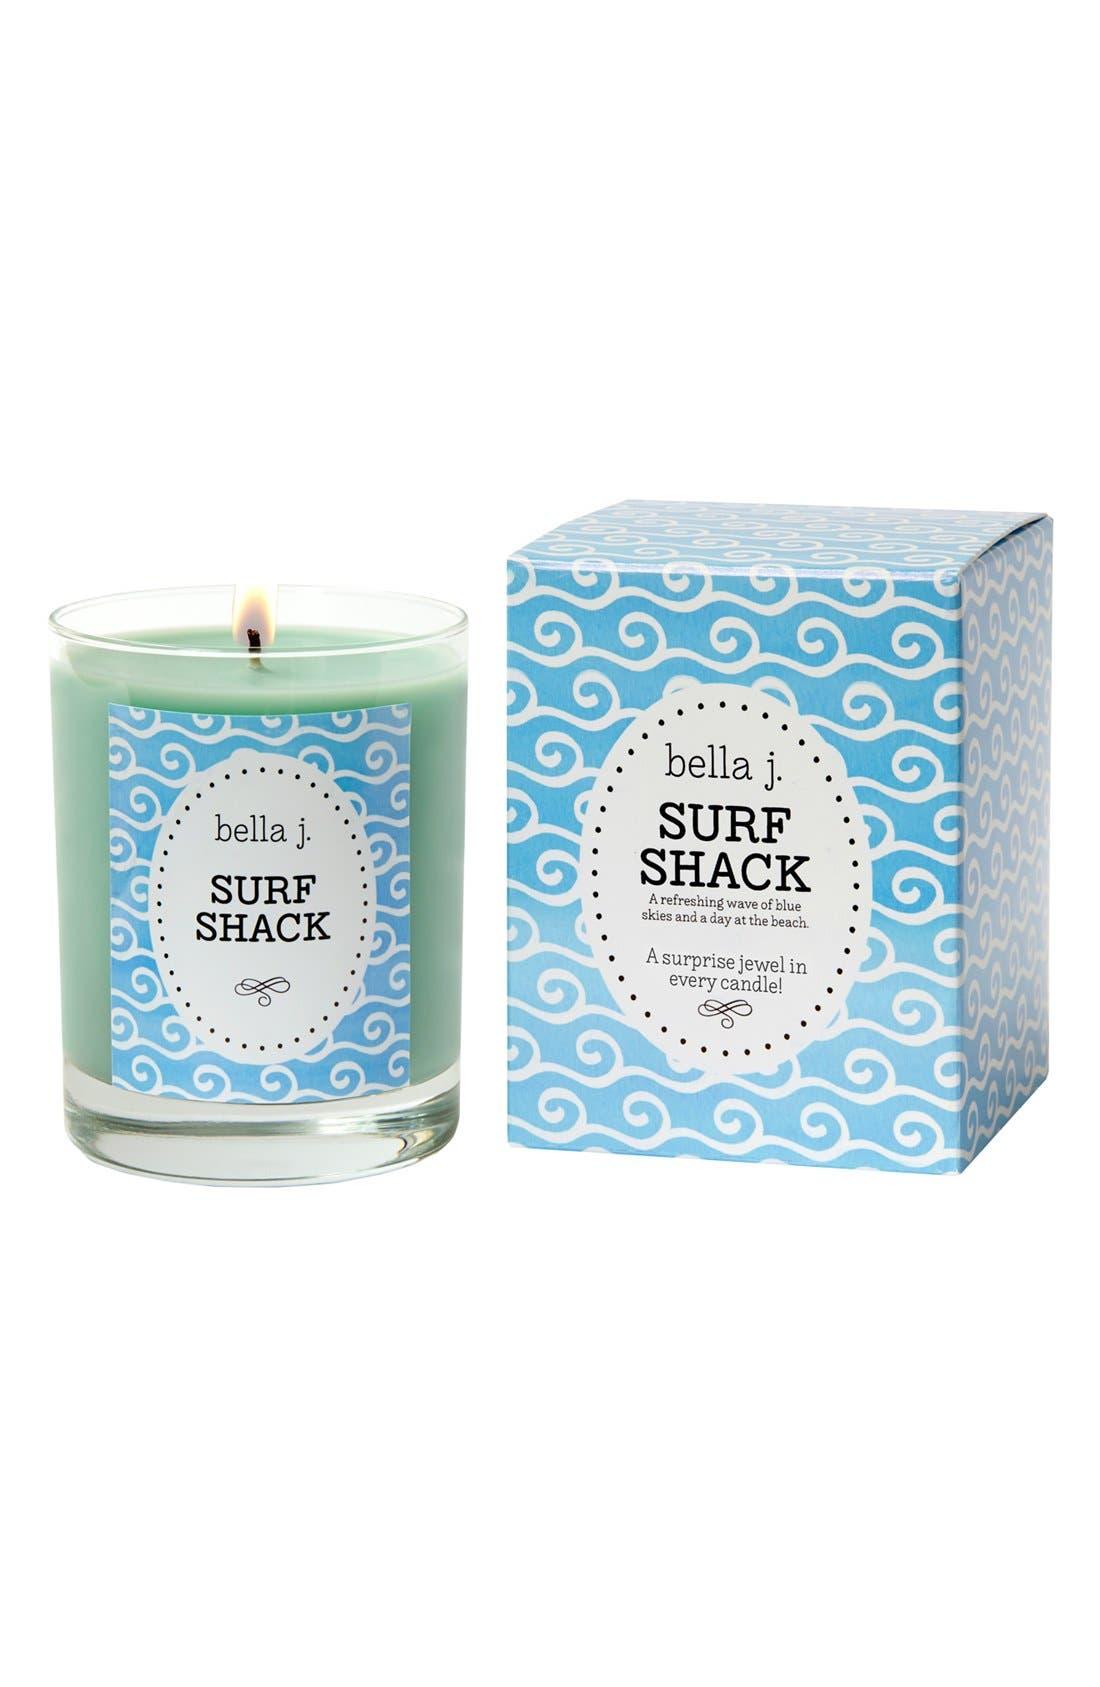 Alternate Image 1 Selected - bella j. 'Surf Shack' Candle